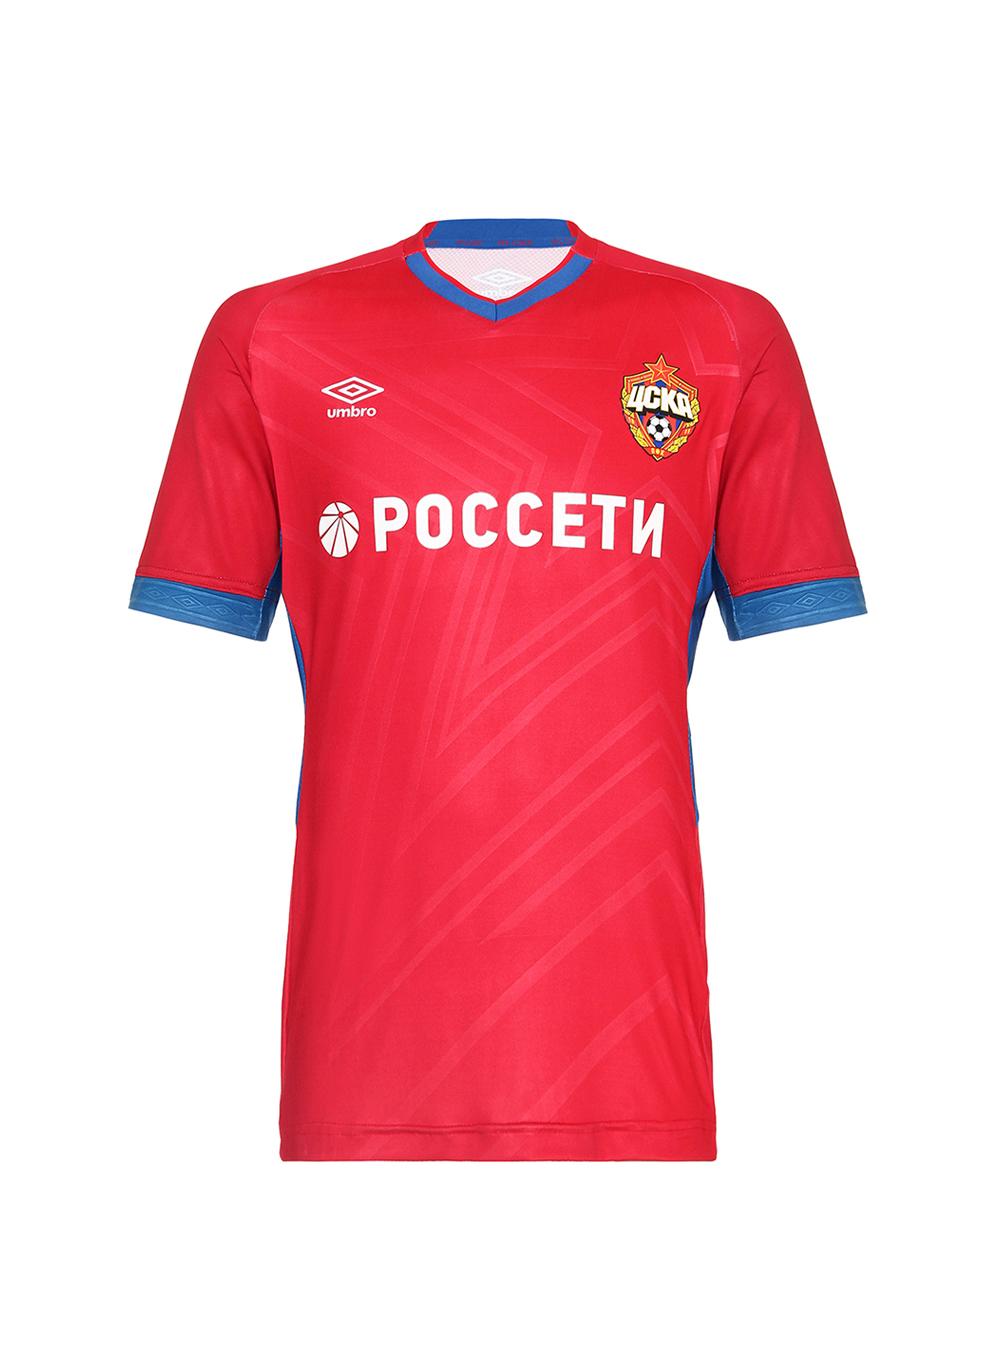 Купить Футболка детская игровая домашняя 2019/2020 (152) по Нижнему Новгороду